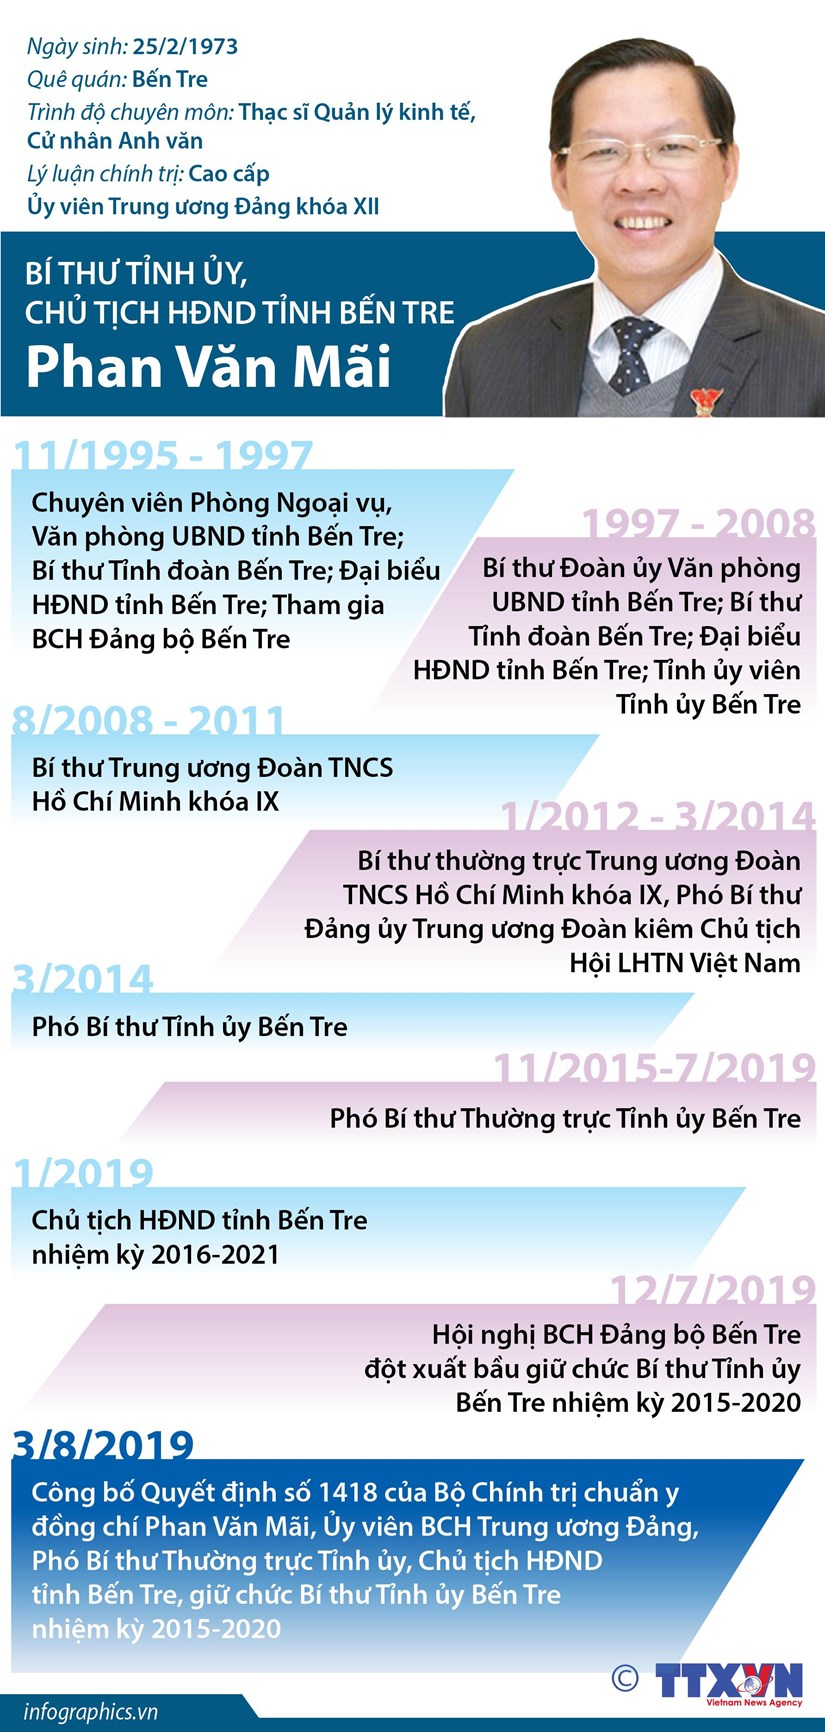 Chan dung Bi thu Tinh uy, Chu tich HDND tinh Ben Tre Phan Van Mai hinh anh 1